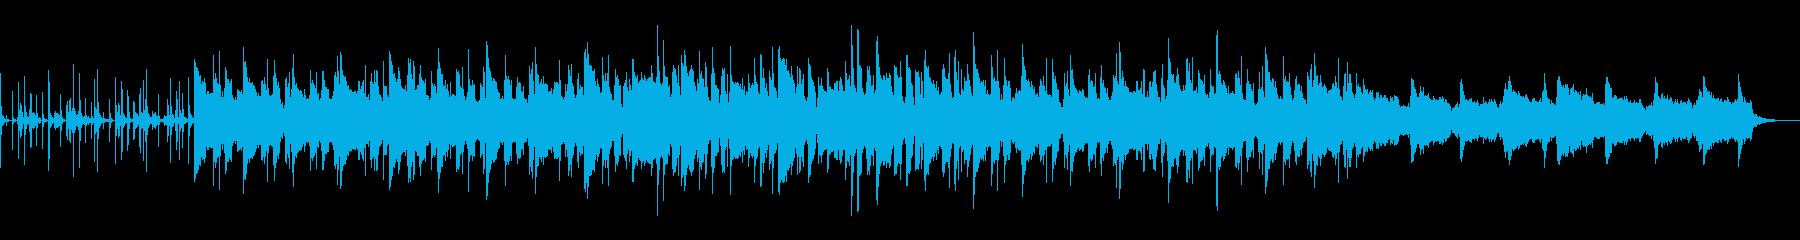 夜中の暑苦しさをイメージしたBGMの再生済みの波形